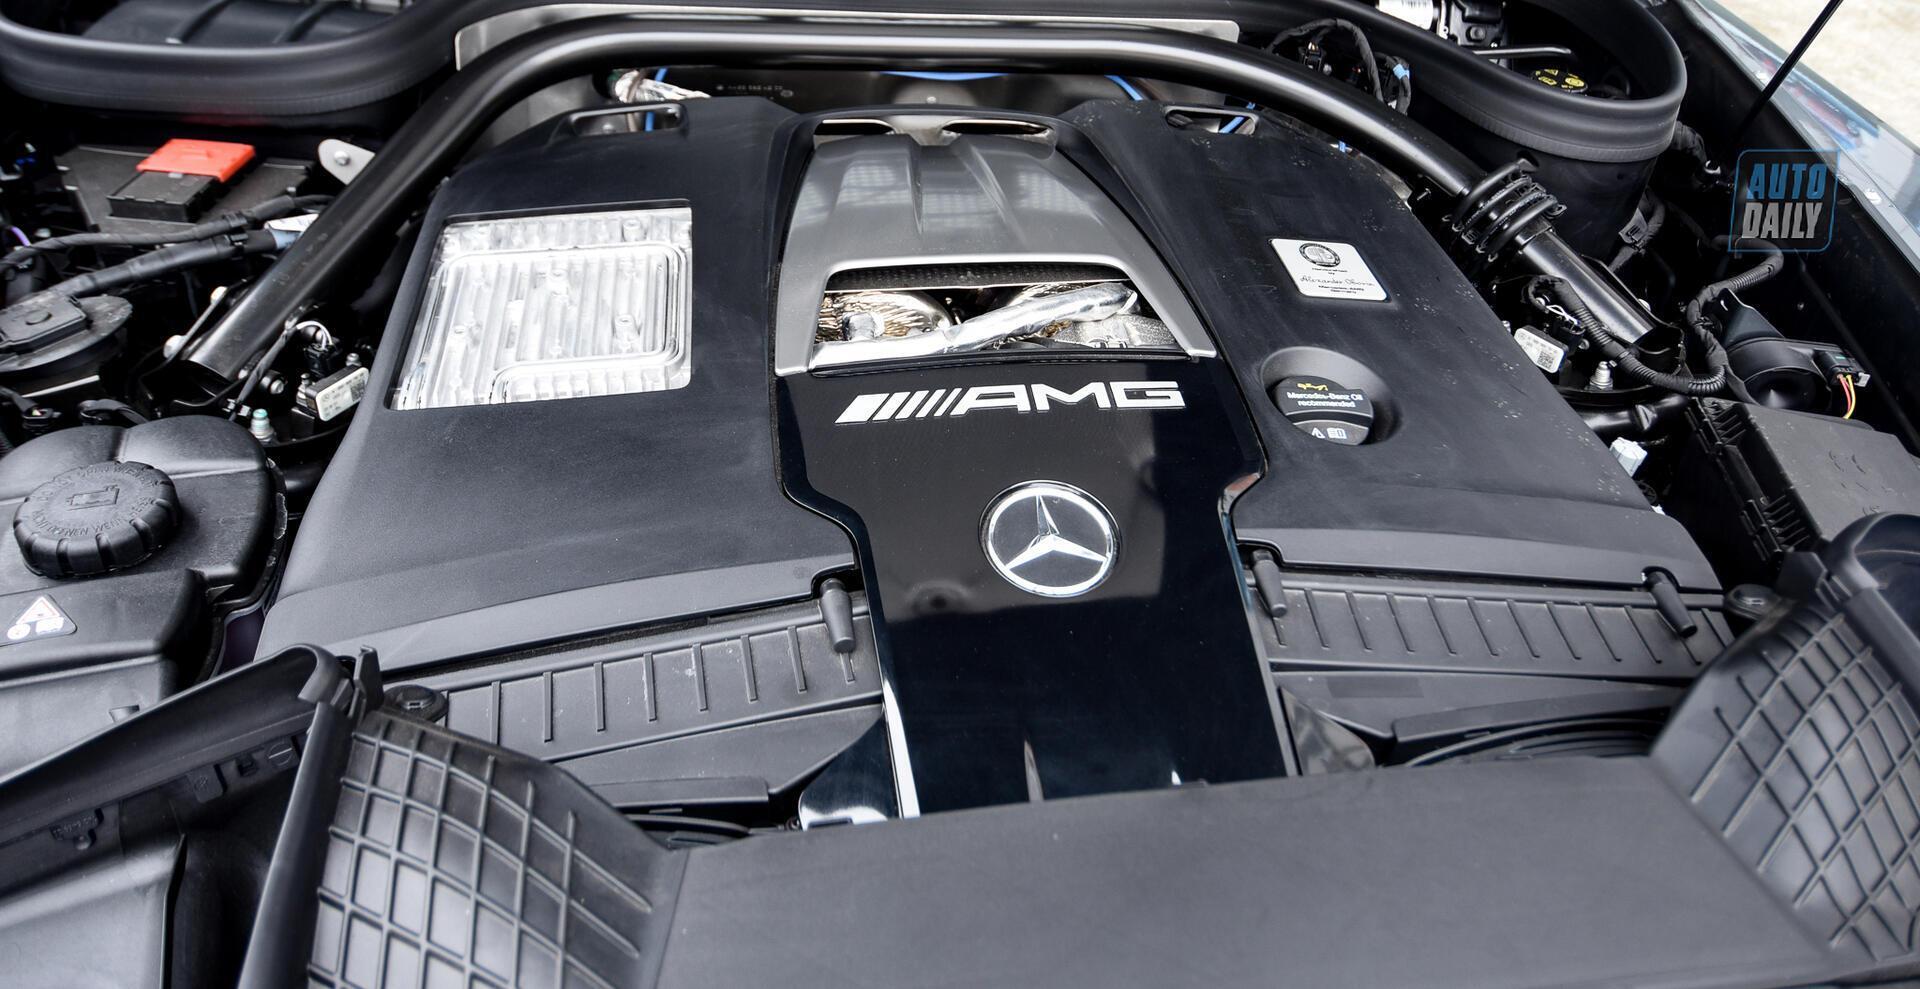 Ảnh chi tiết Mercedes G63 AMG 2021 bản cá nhân hoá giá khoảng 12 tỷ [25]